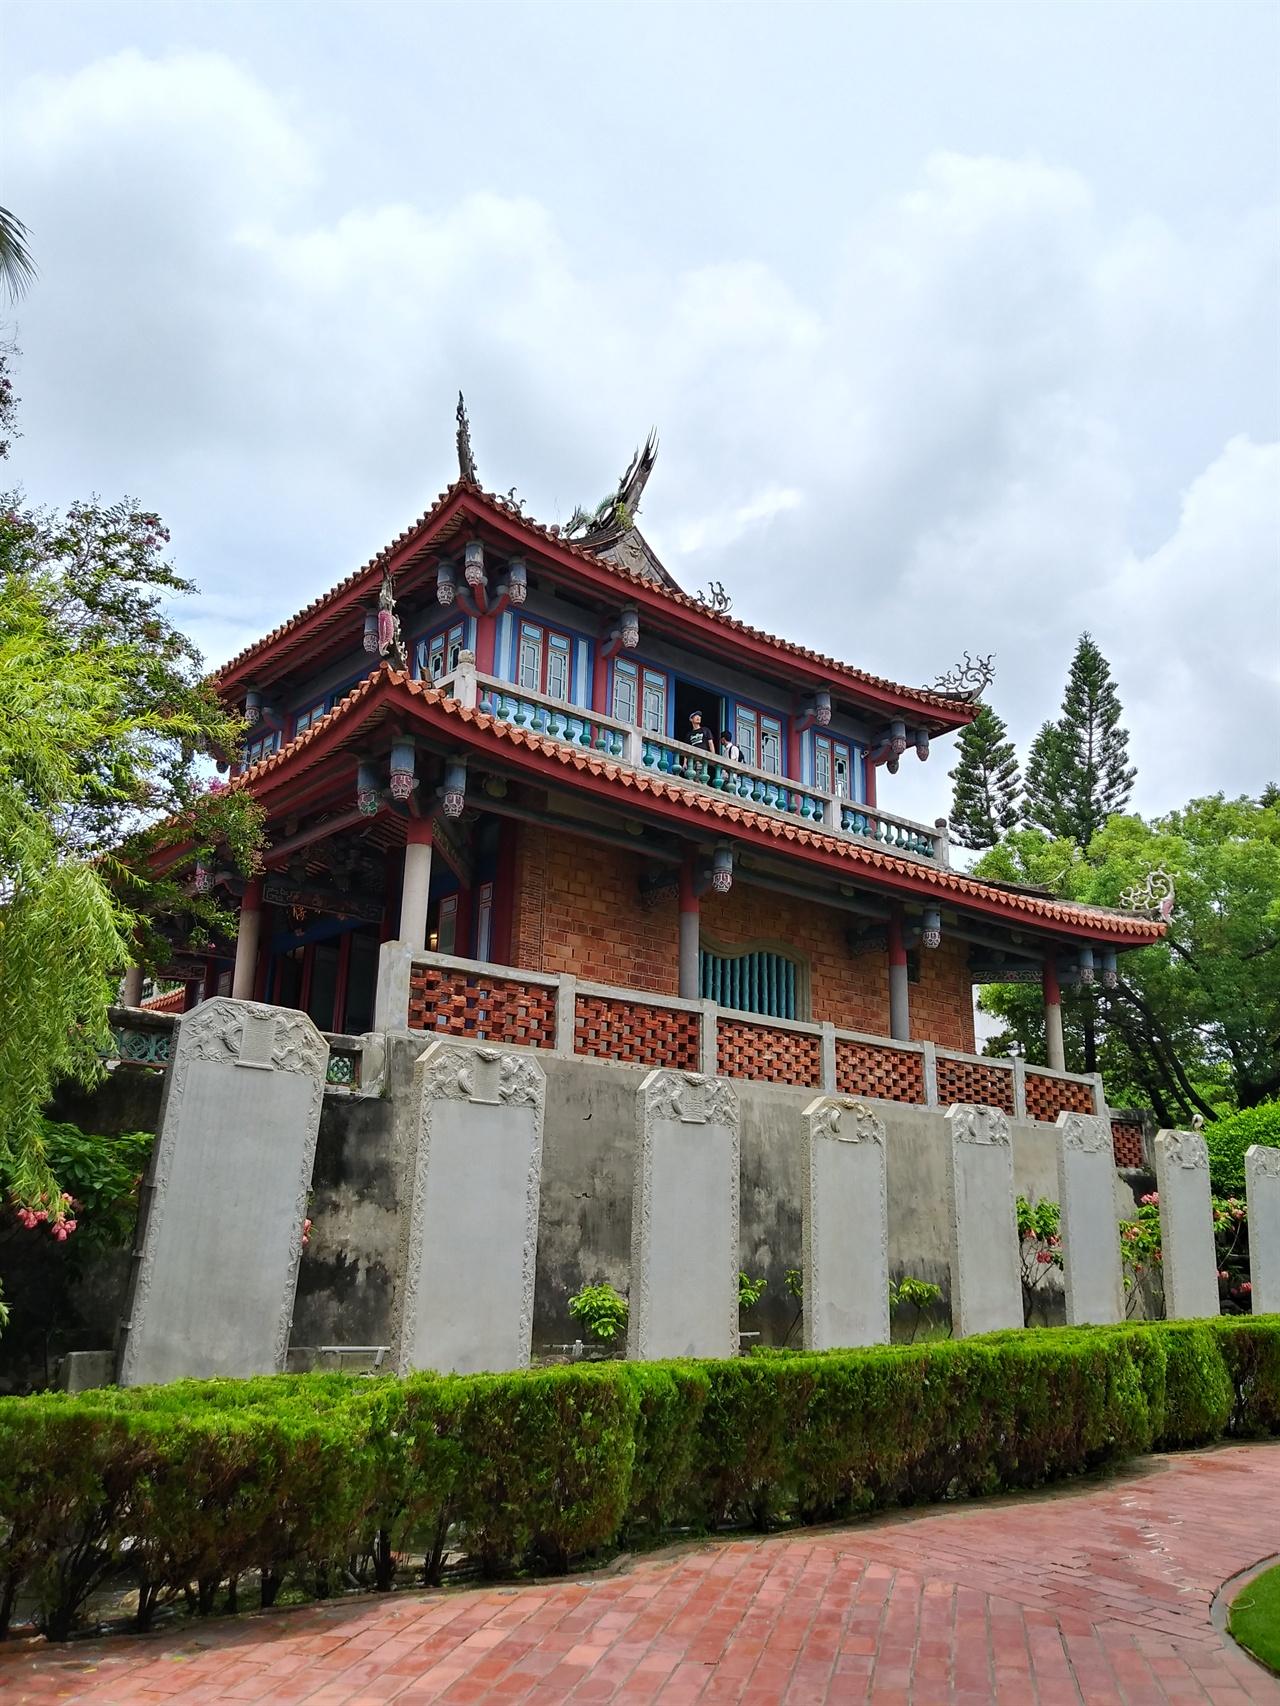 츠칸러우 전경 일본식 정원과 네덜란드식 석축, 중국식 건물을 두루 갖춘 '다국적' 유적으로 타이난의 랜드마크다.